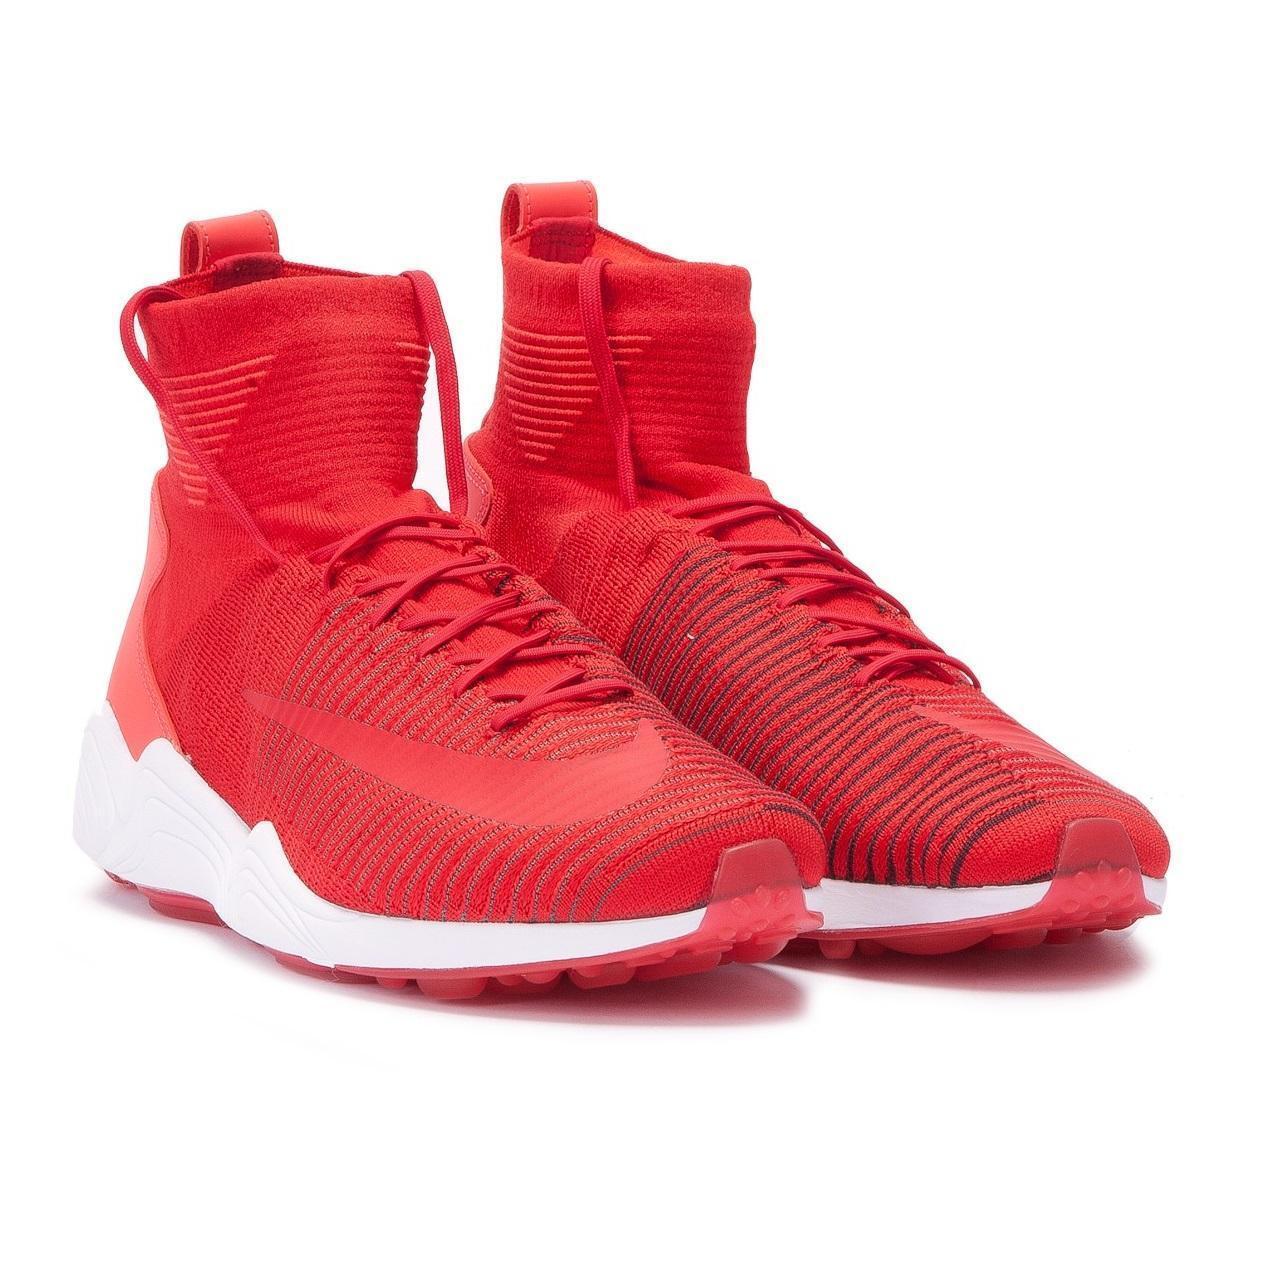 Uomo Nike Zoom Mercurial Xi FK University Scarpe da da da Ginnastica Rosse 844626 600 b47a46